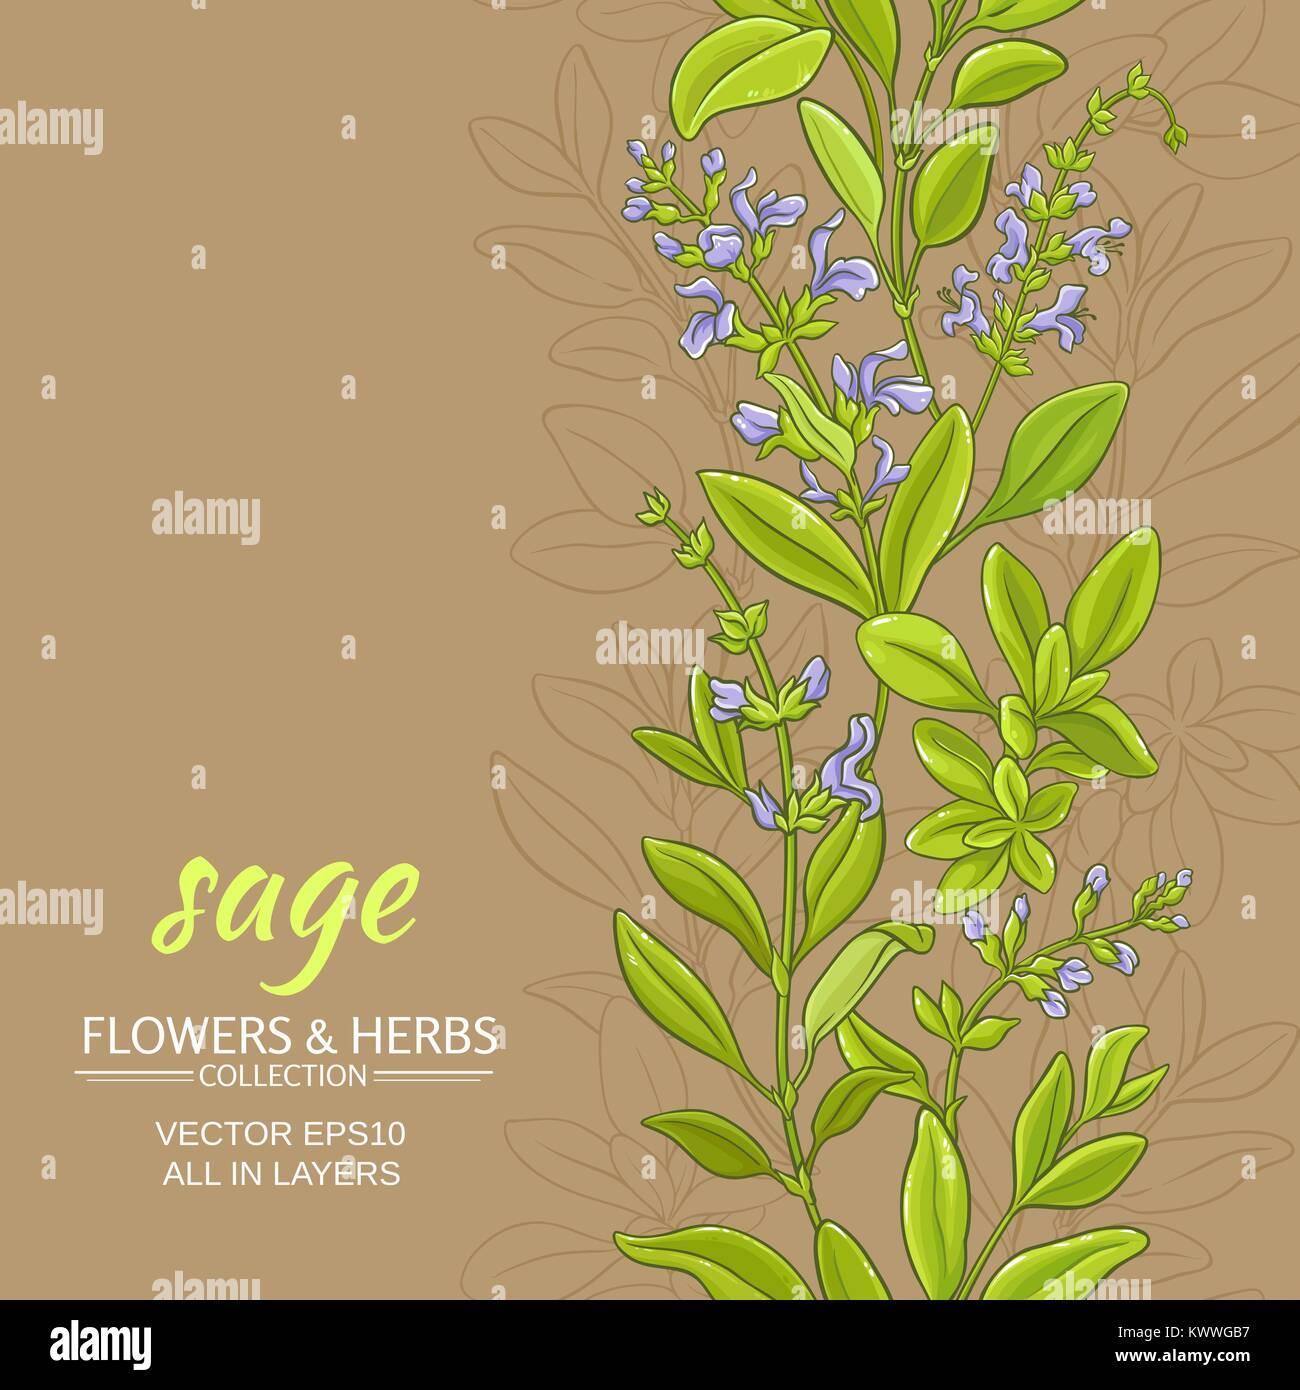 Salbei Pflanze Vektor Muster Auf Farbe Hintergrund Vektor Abbildung